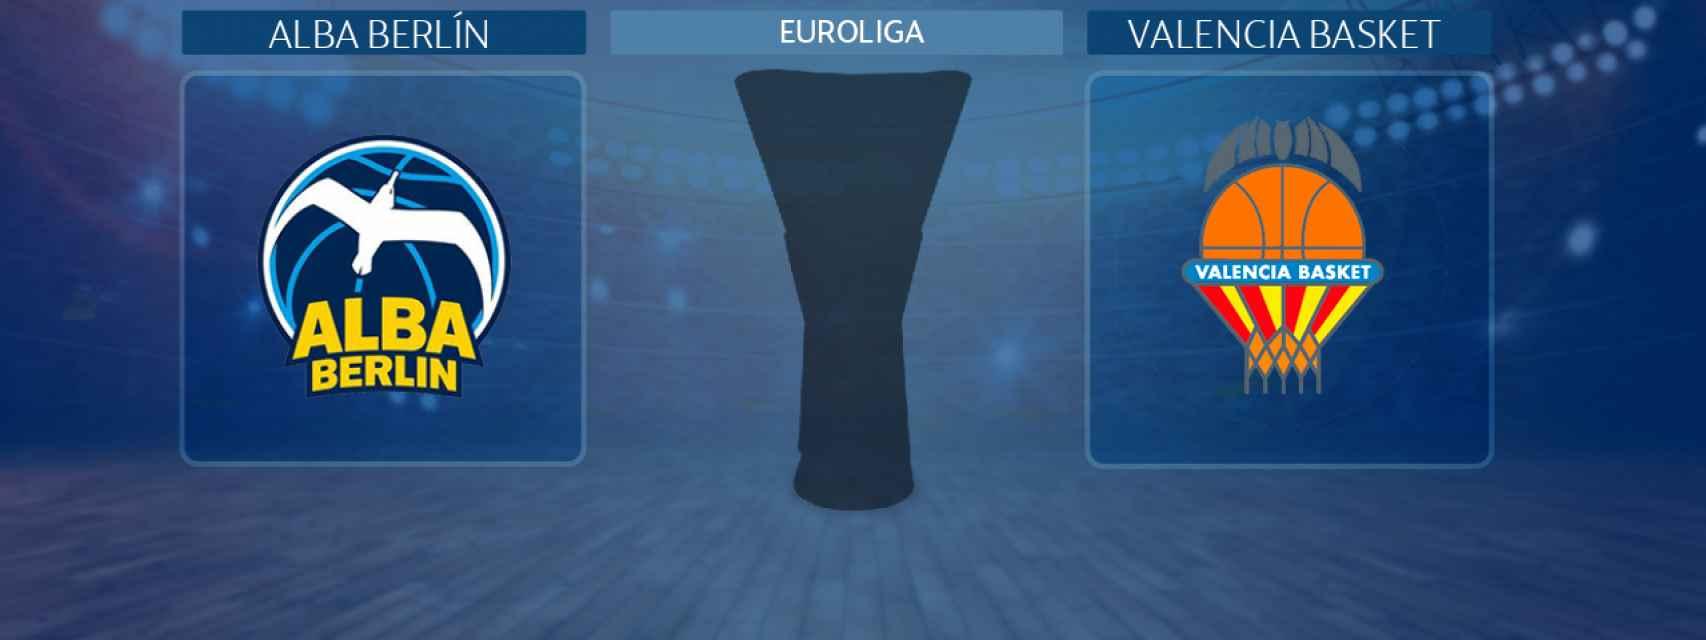 Alba Berlín - Valencia Basket, partido de la Euroliga